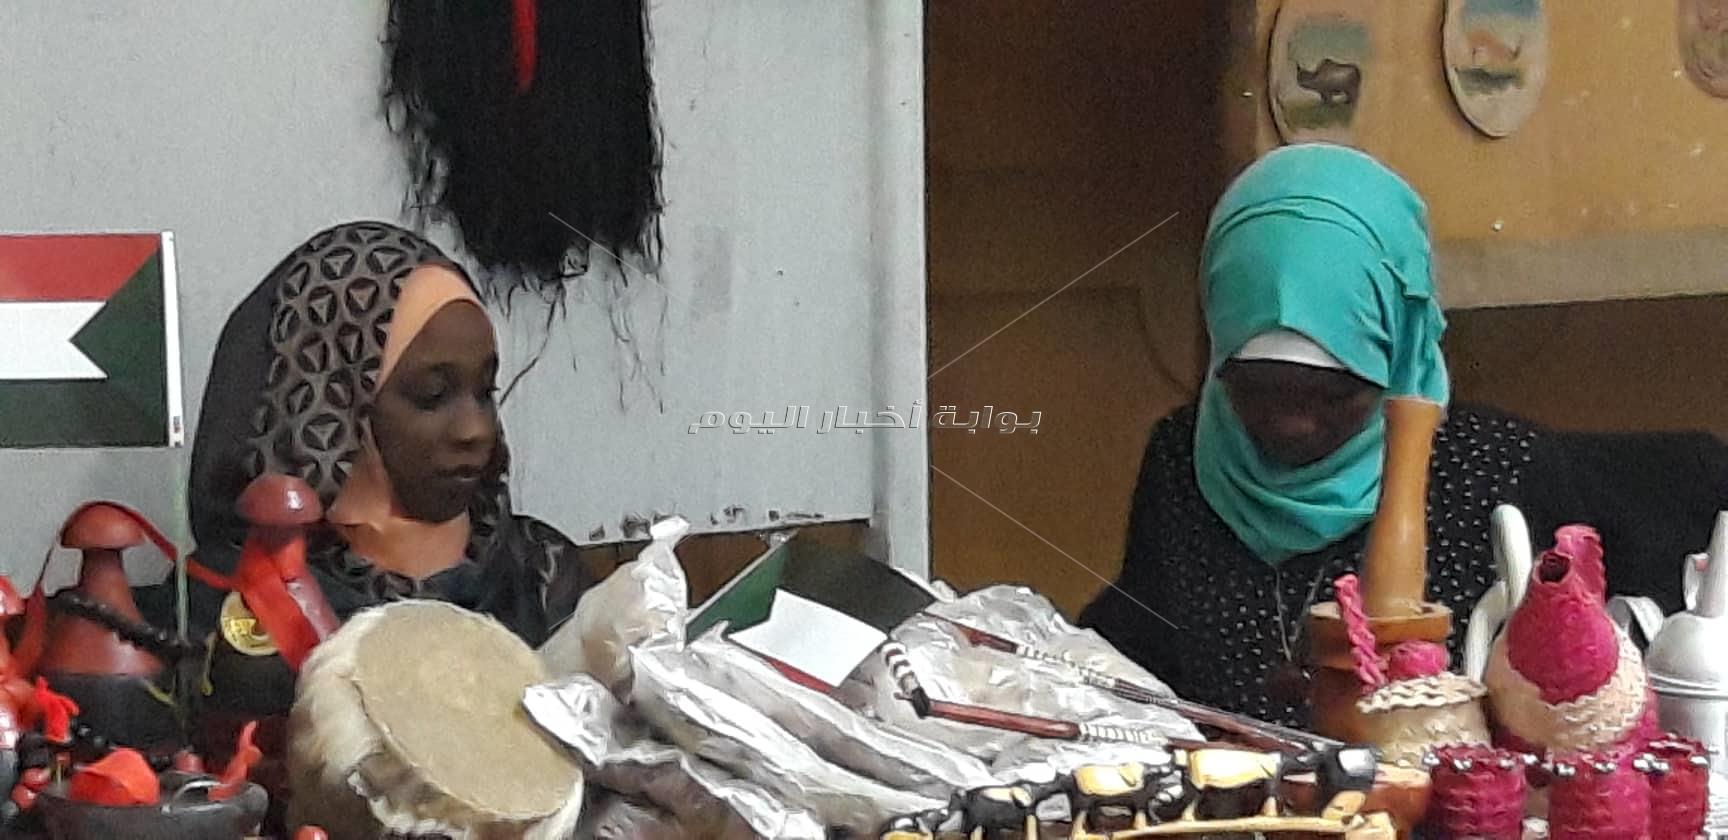 معرض للمنتجات البيئية والمشغولات التراثية السودانية بالصحفيين